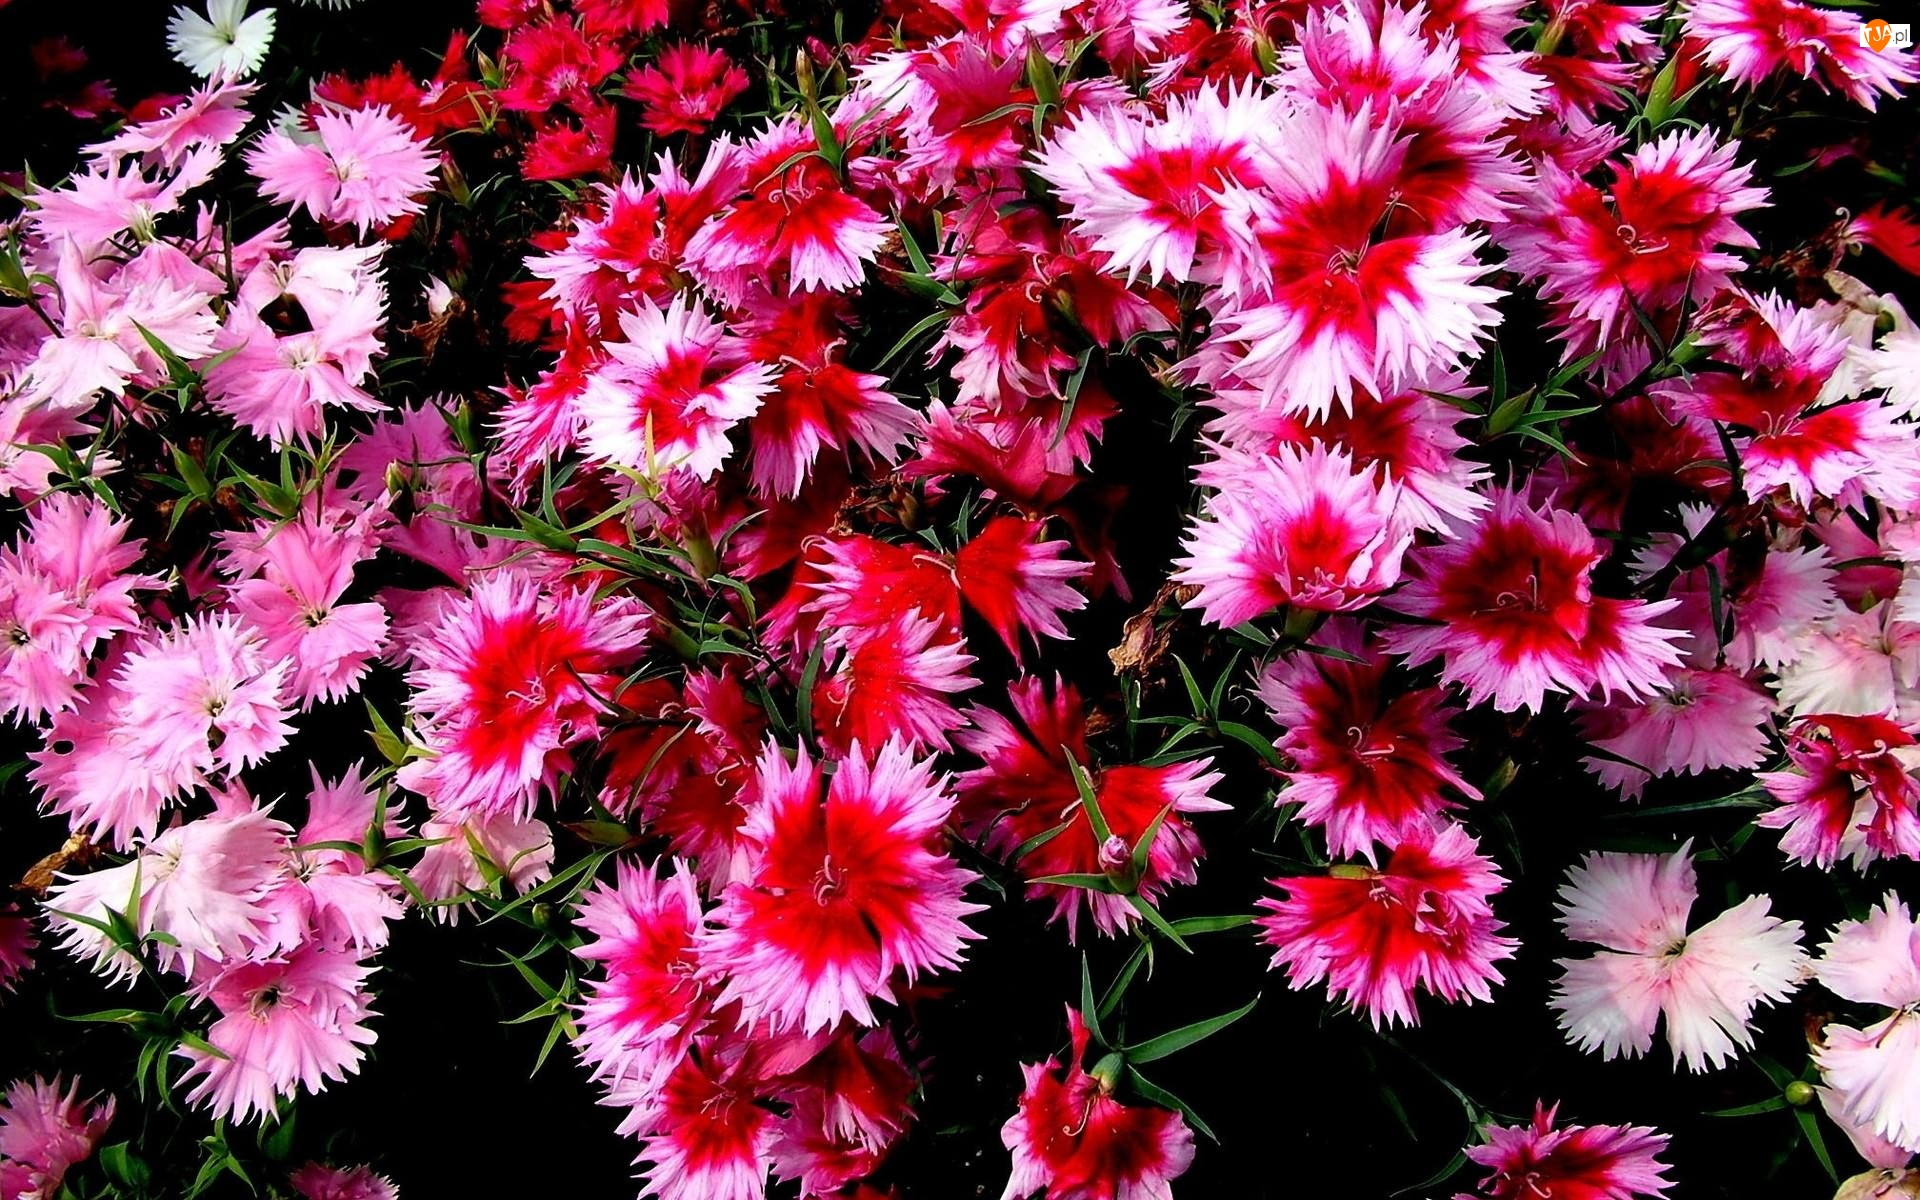 Ogród, Kolorowe, Goździki